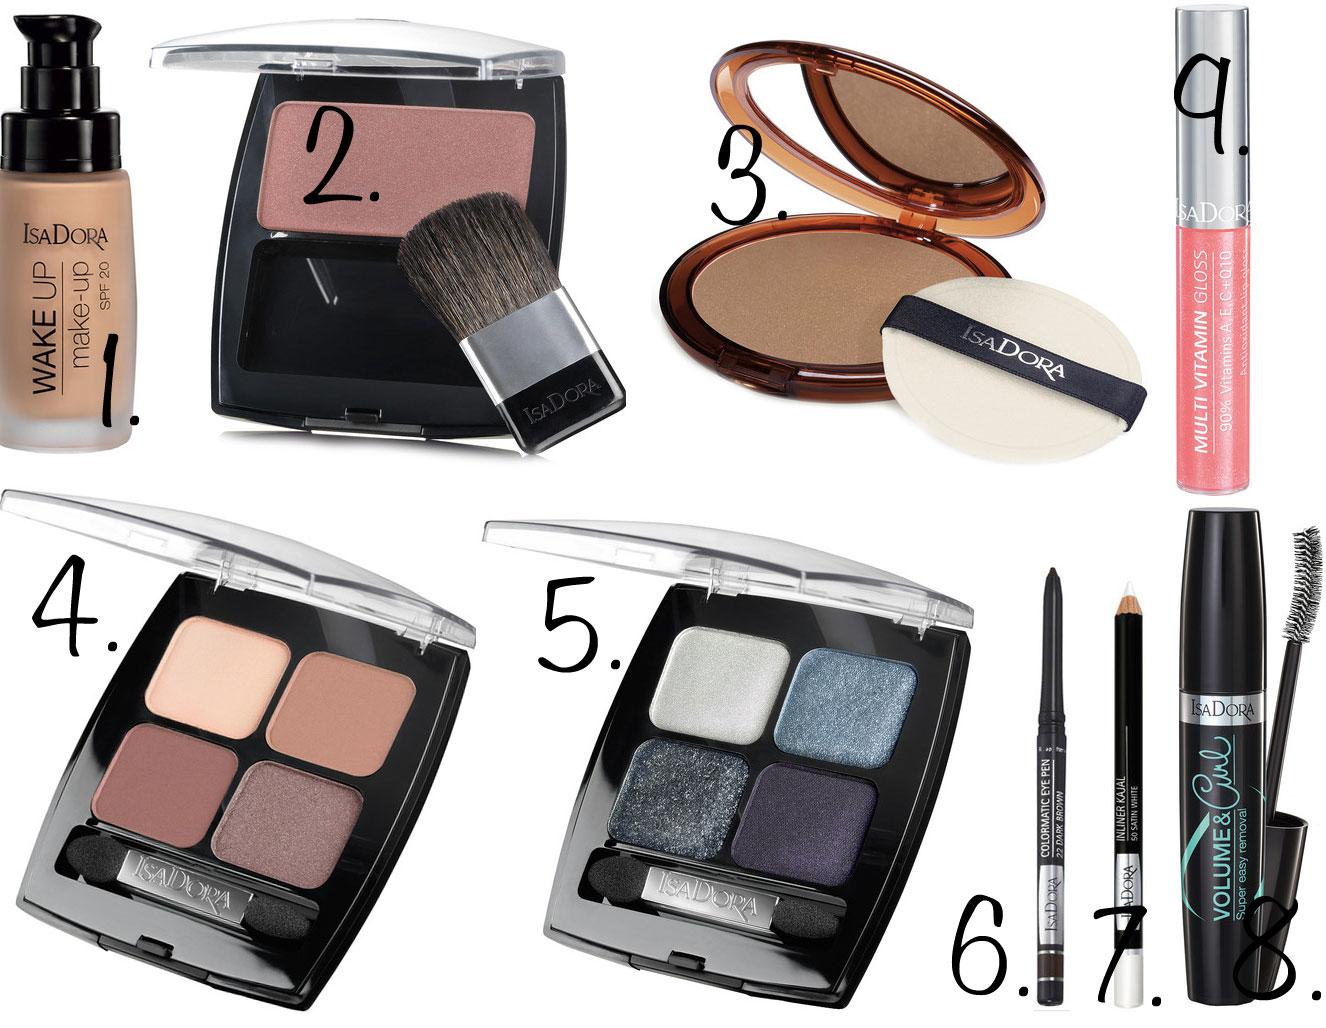 isadora-sminkning-bruna-ögon